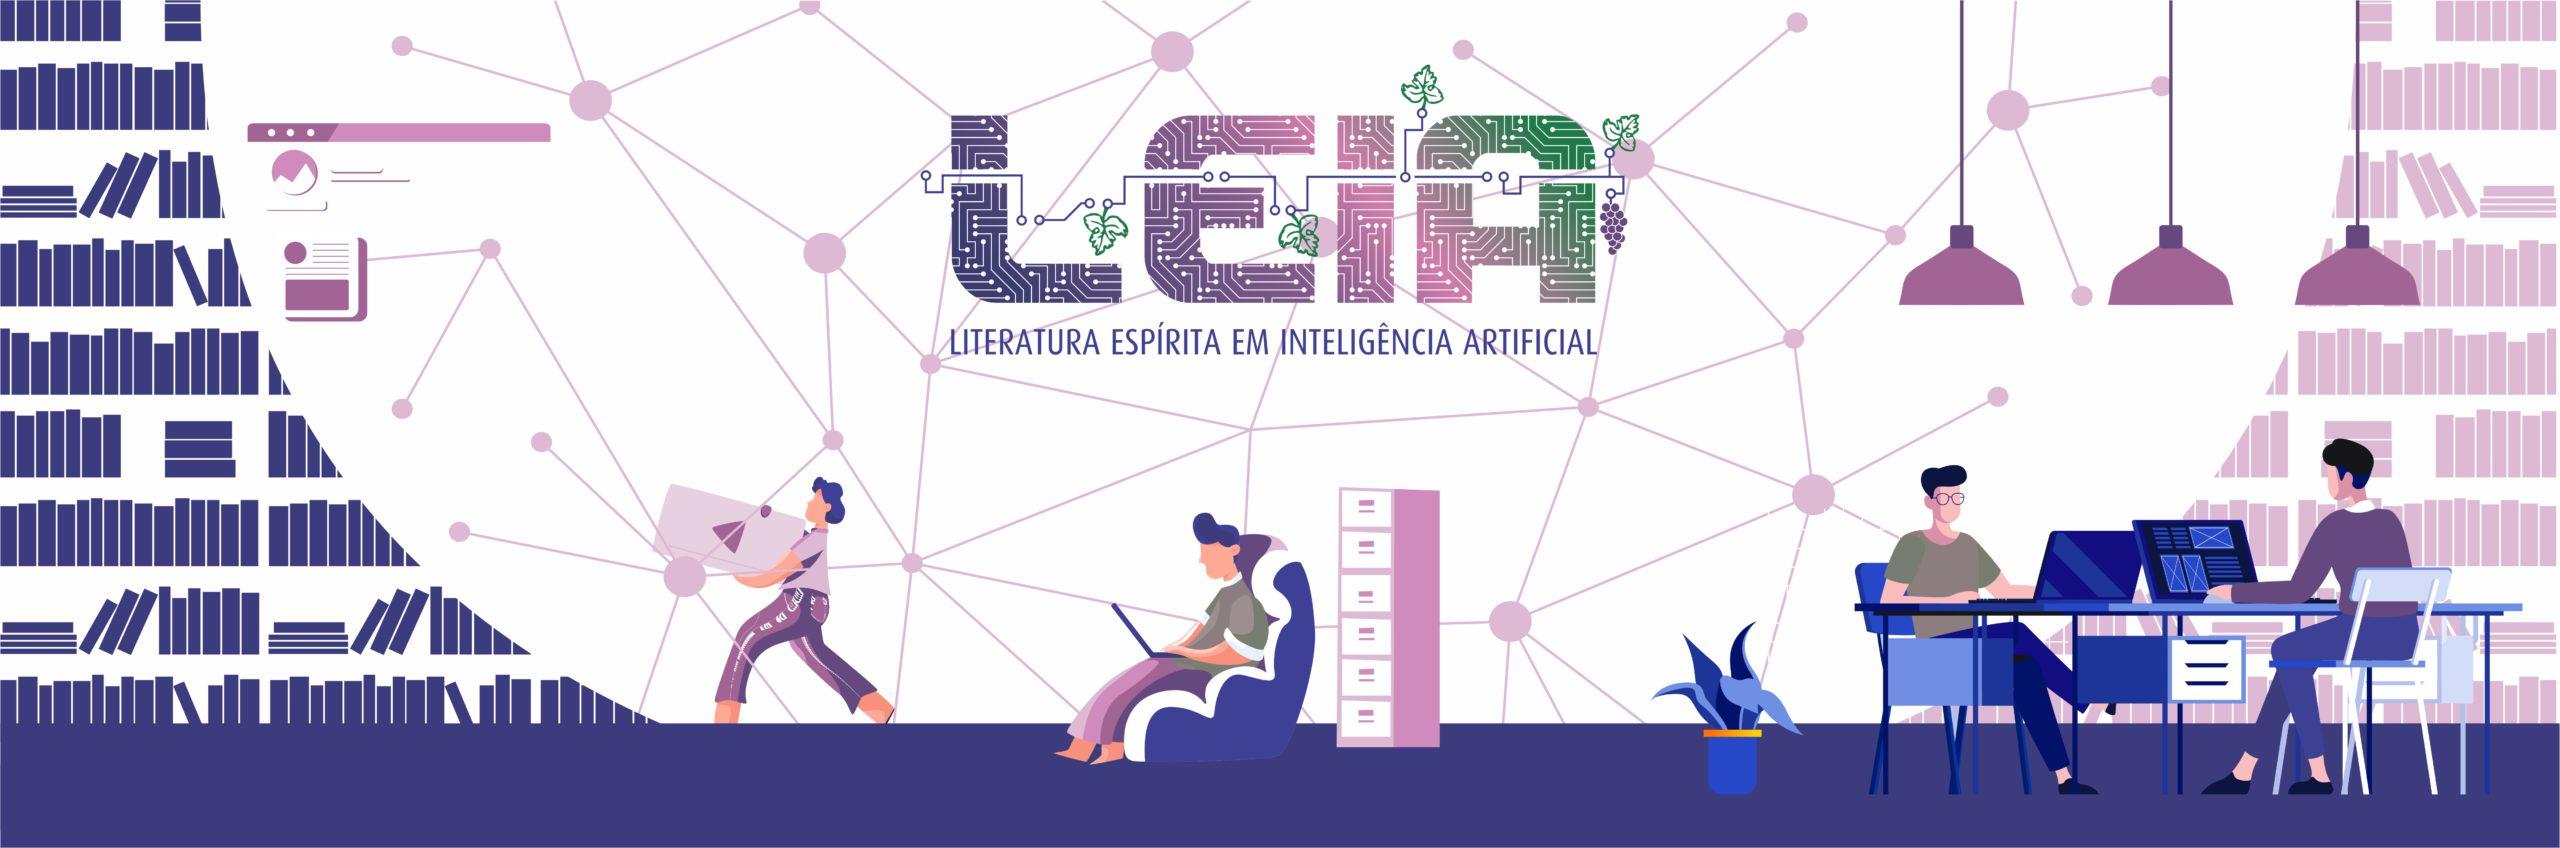 LEIA - Literatura Espírita em Inteligencia Artificial 1